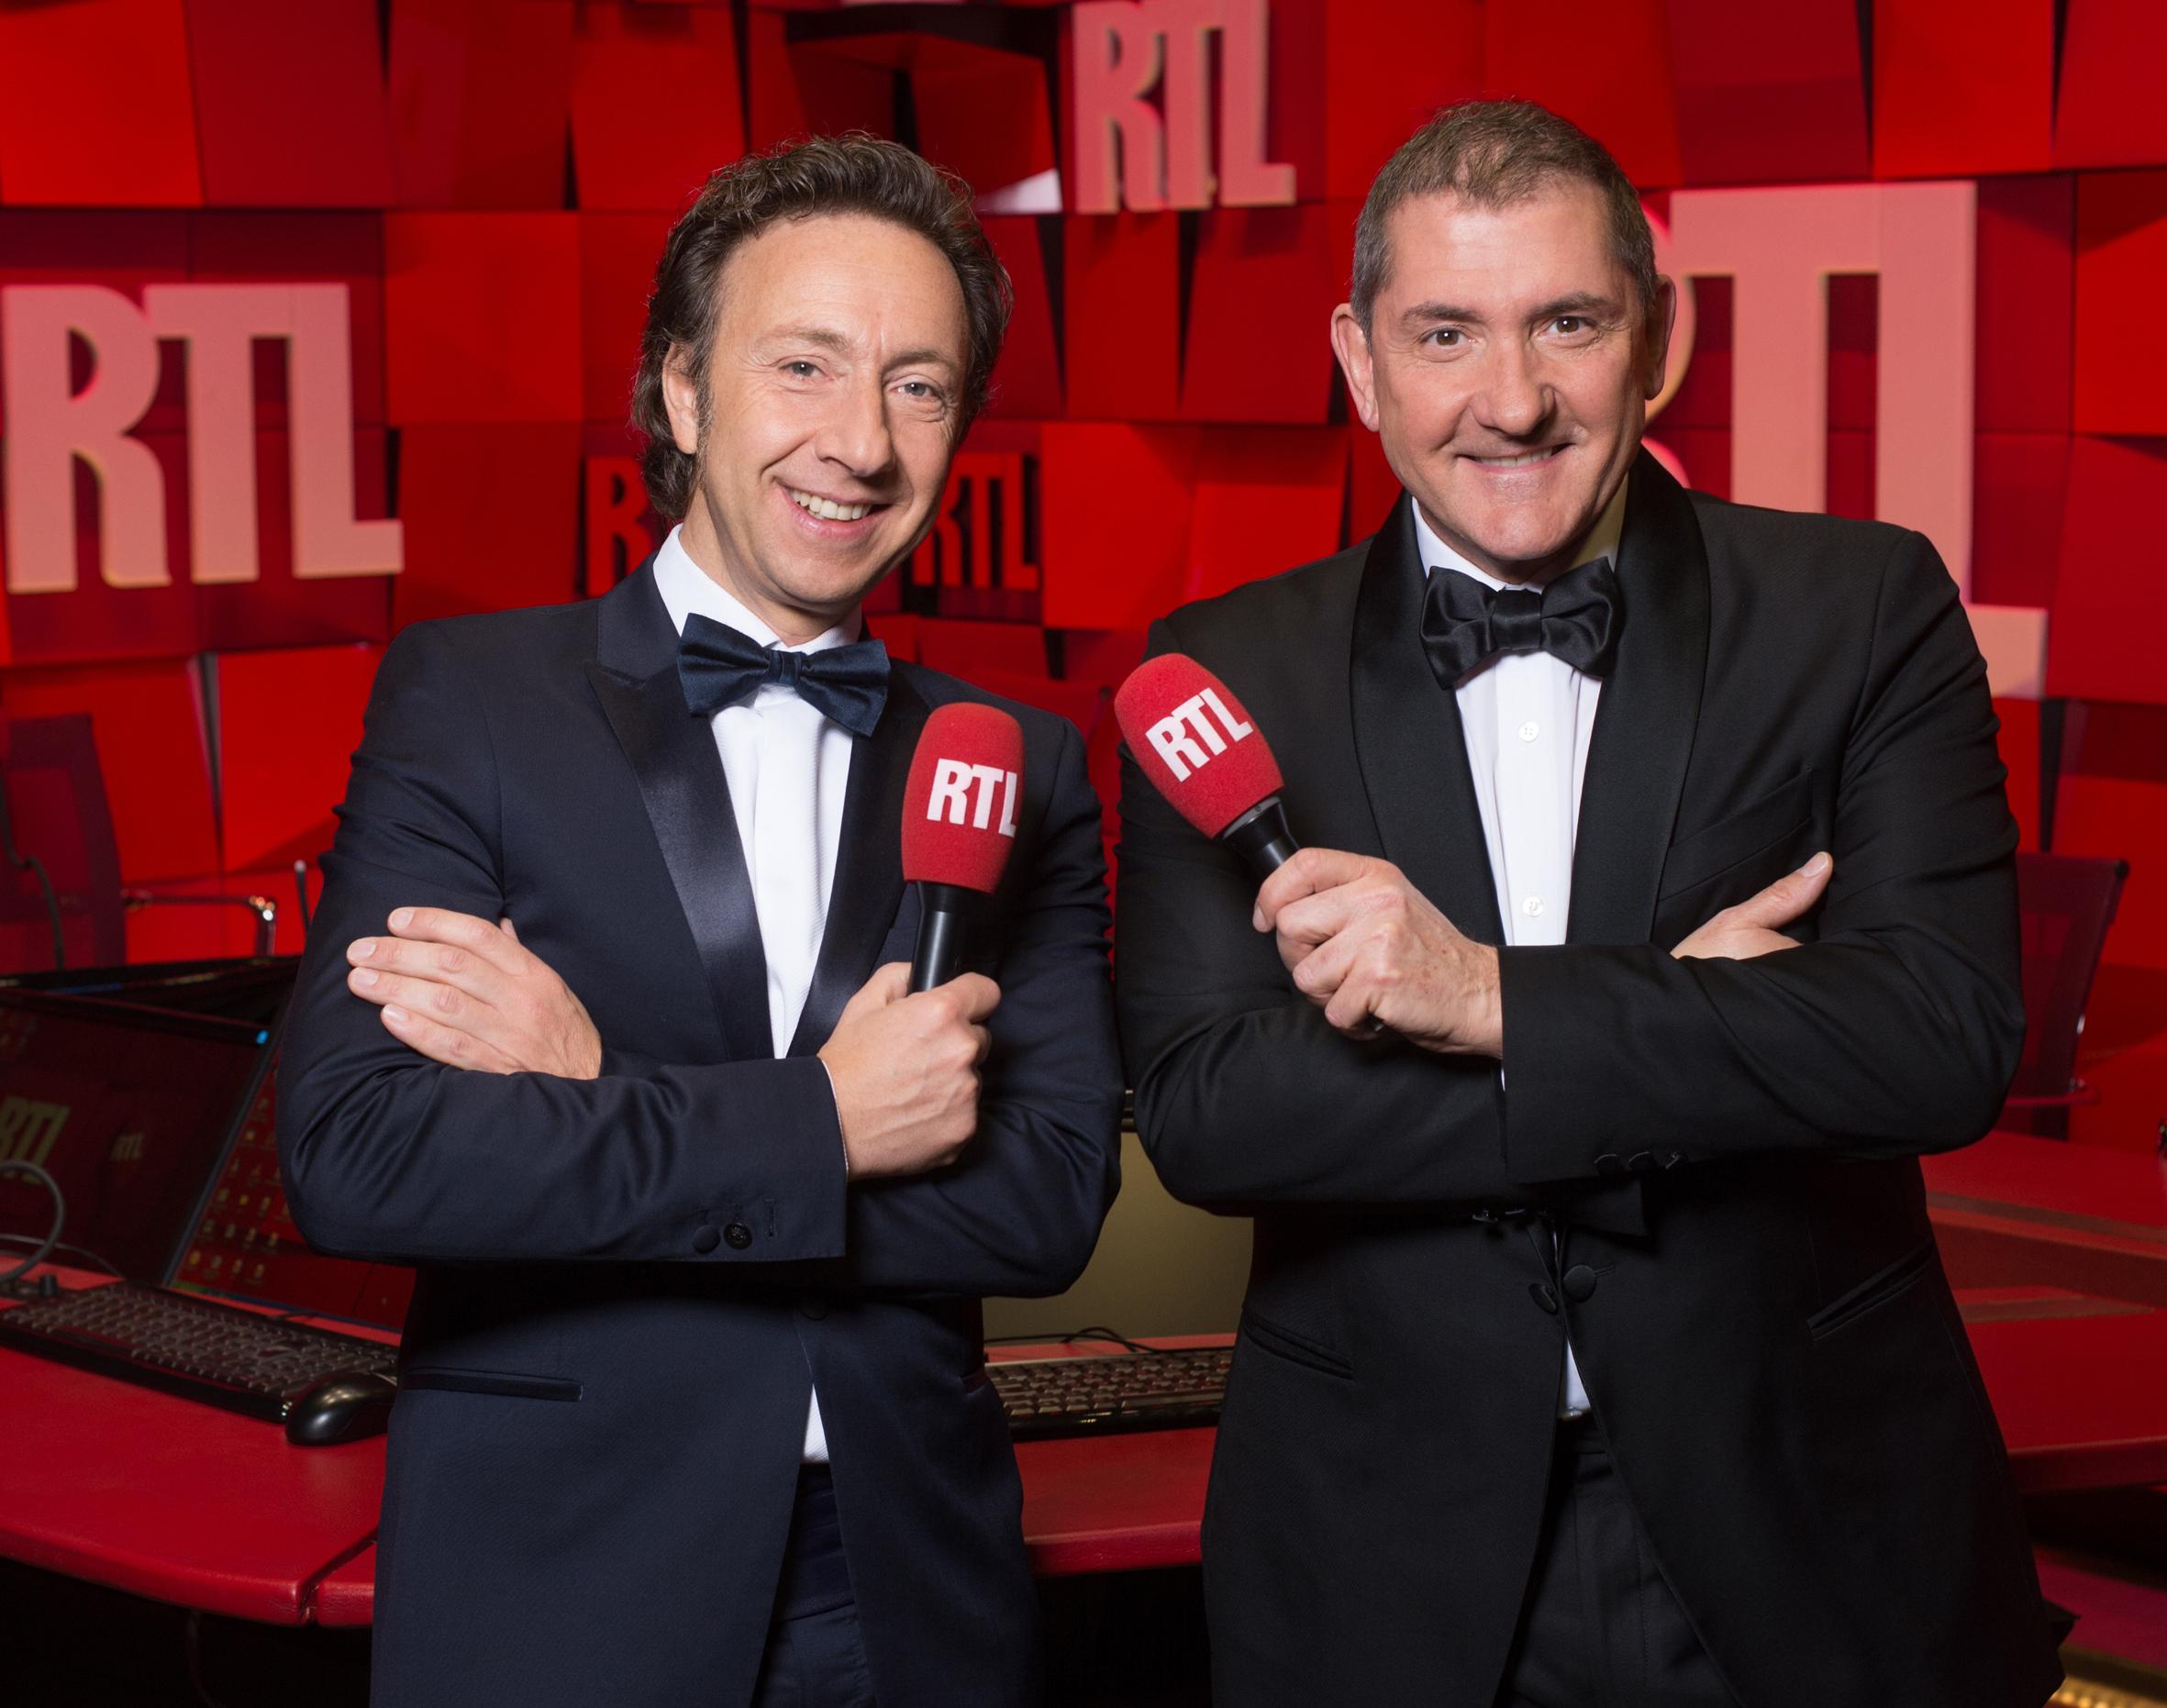 En smoking : Bern et Calvi. Lequel est le plus Bond ? Christophe Guibbaud/Abacapress pour RTL